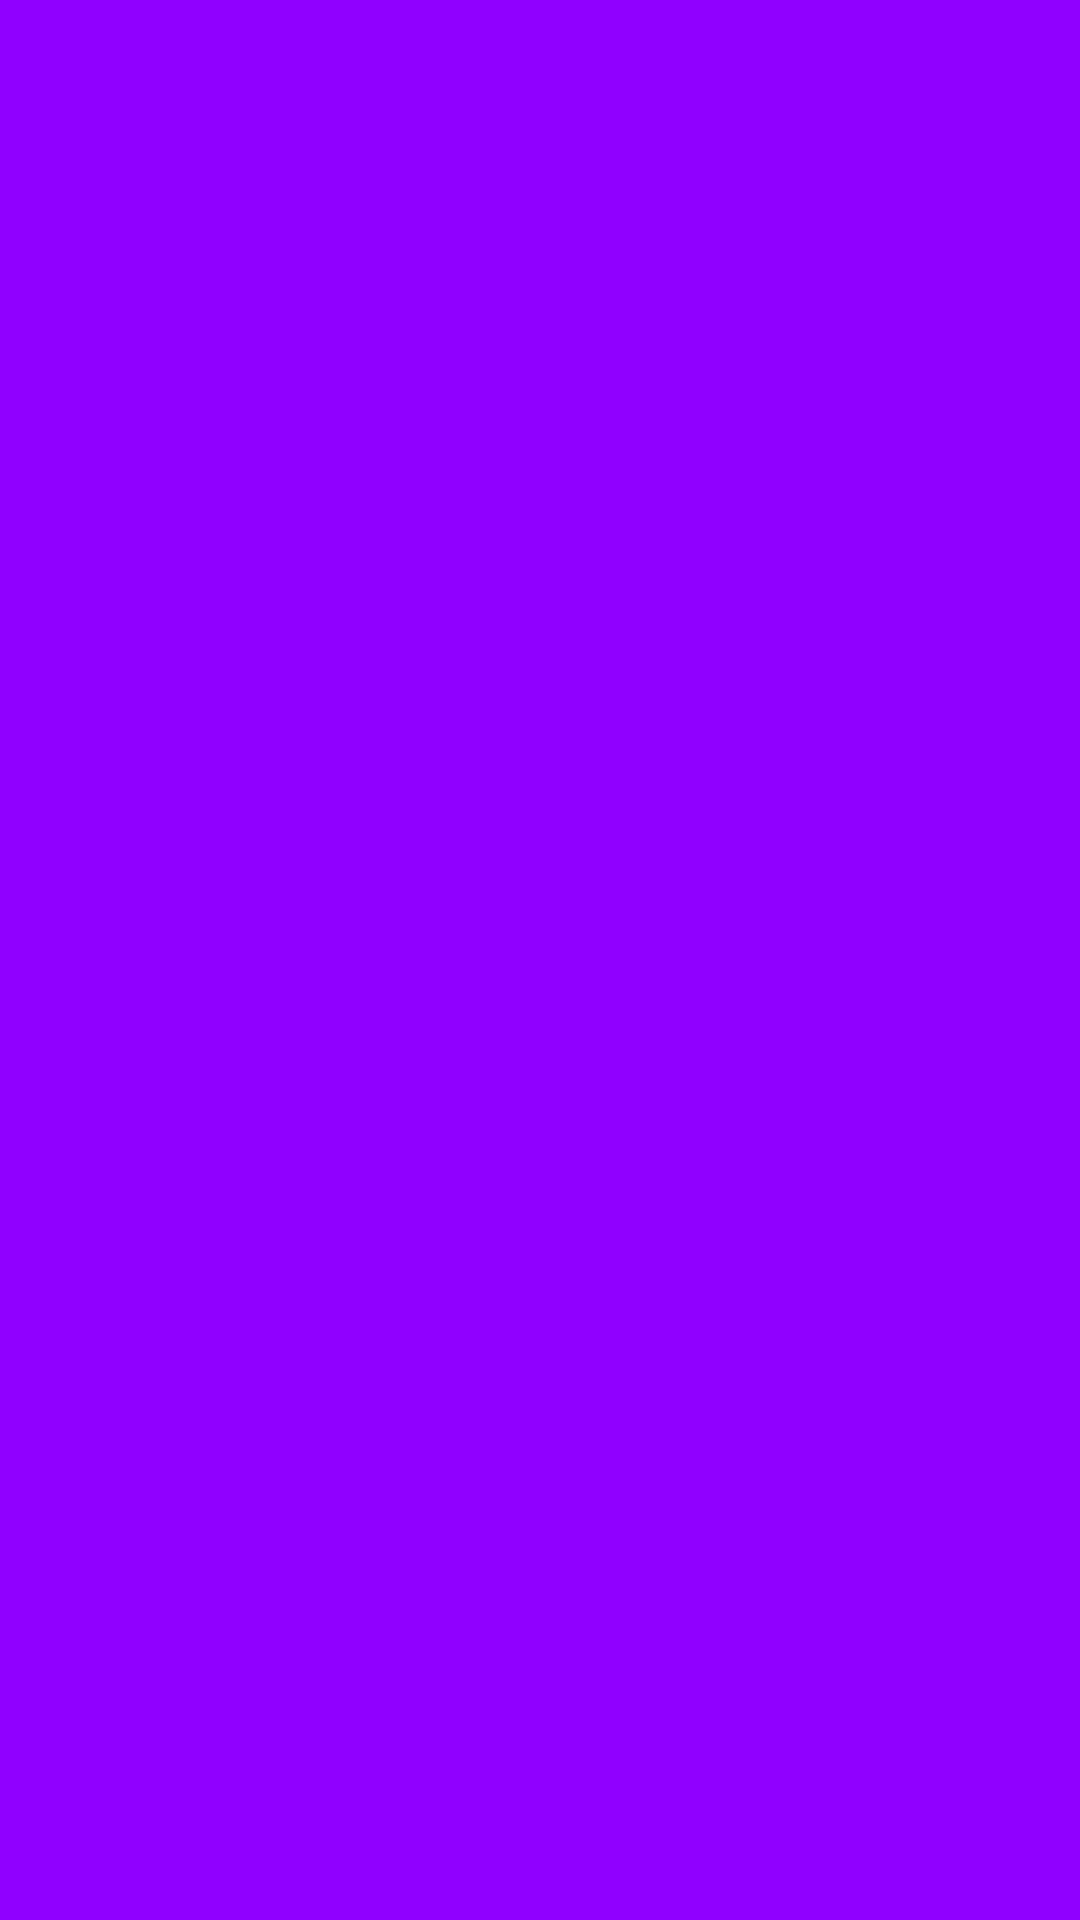 1080x1920 Violet Solid Color Background